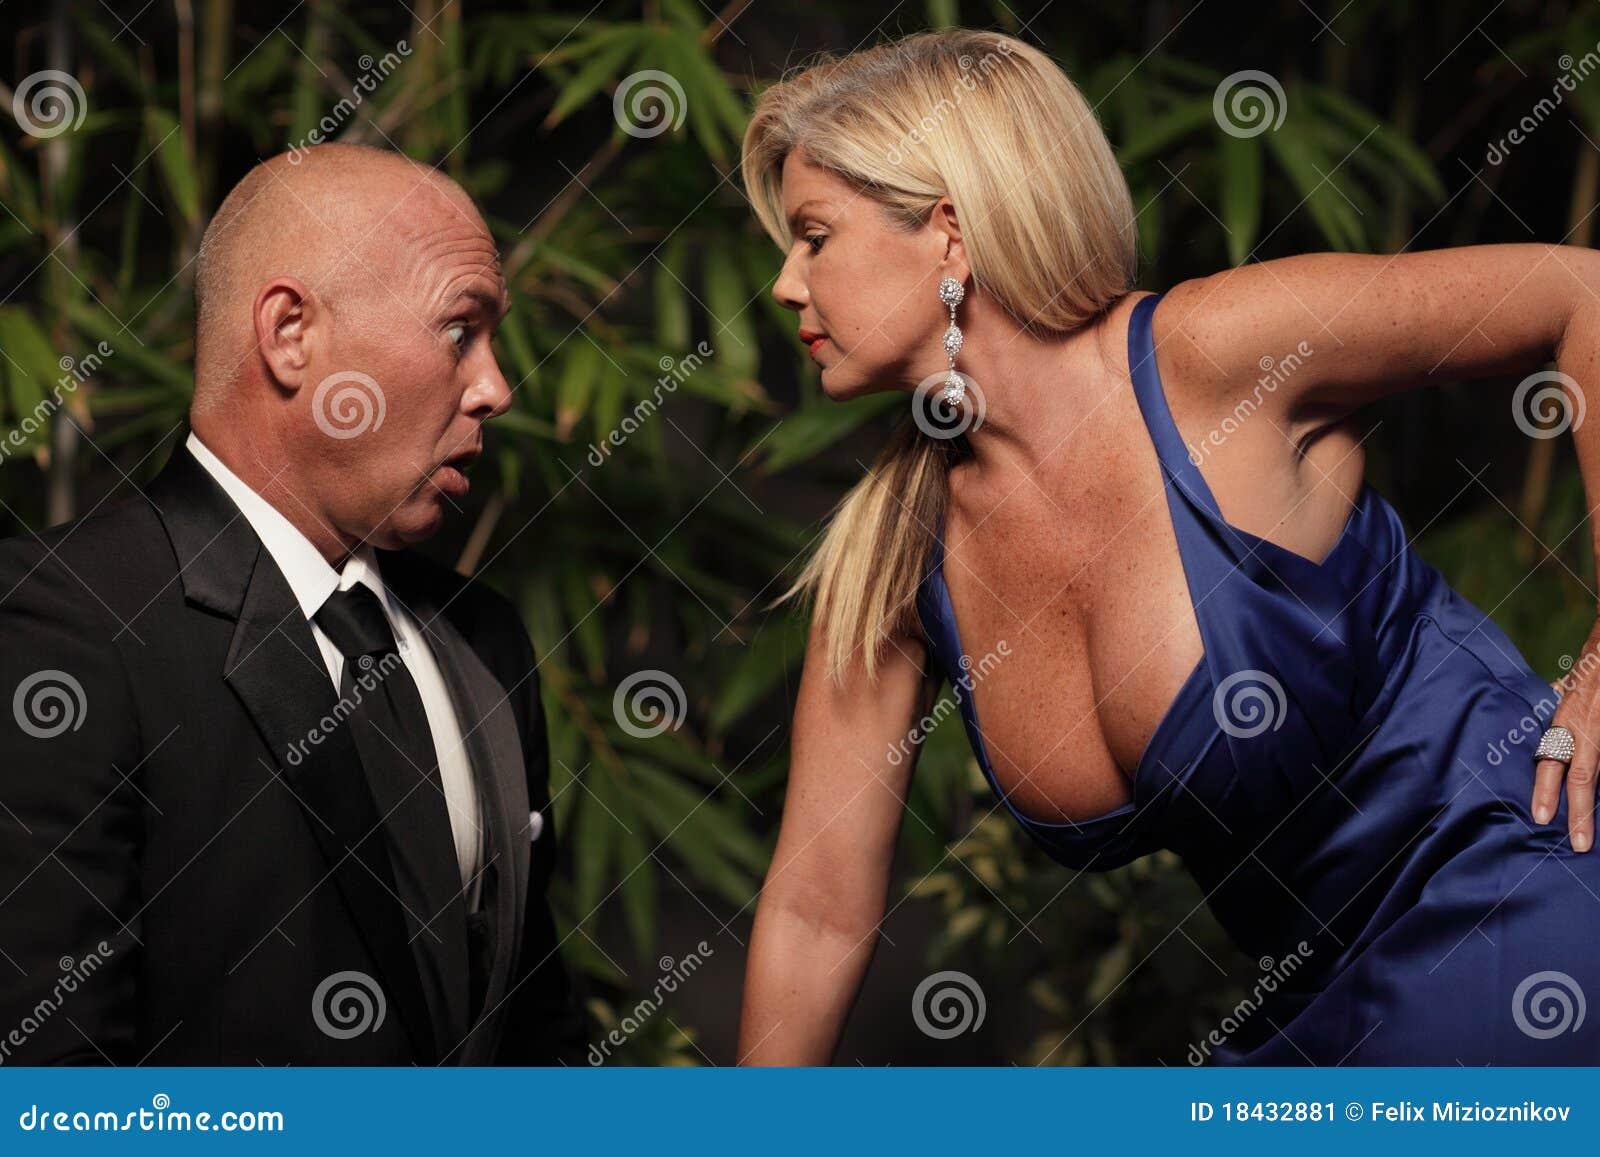 Фото мужчин с женской грудью 25 фотография